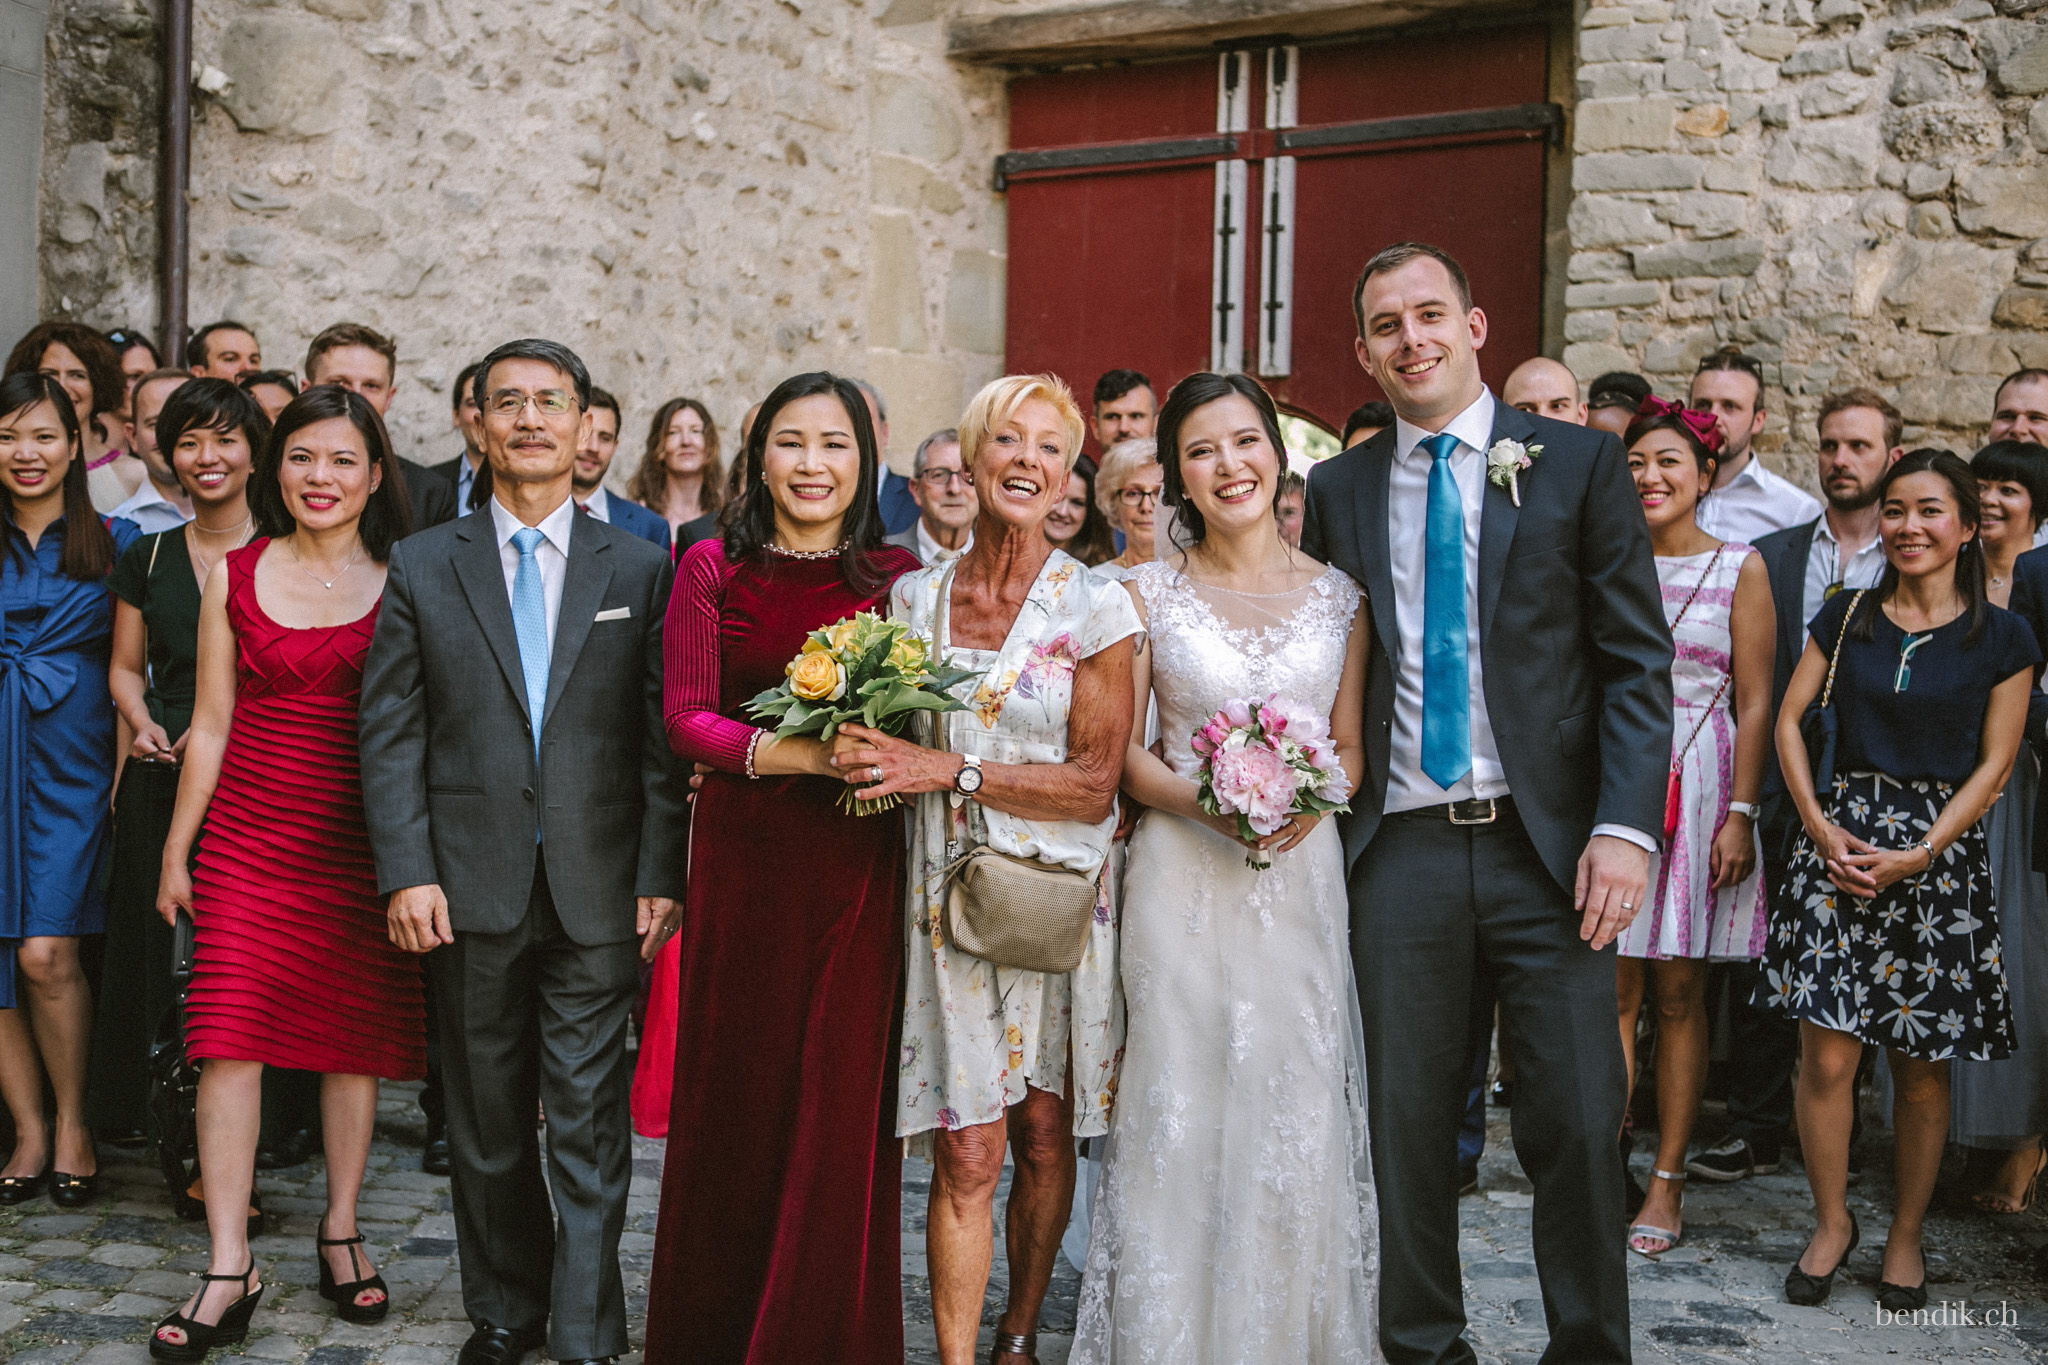 Hochzeitsgesellschaft vor dem Zivilstandsamt Rapperswil